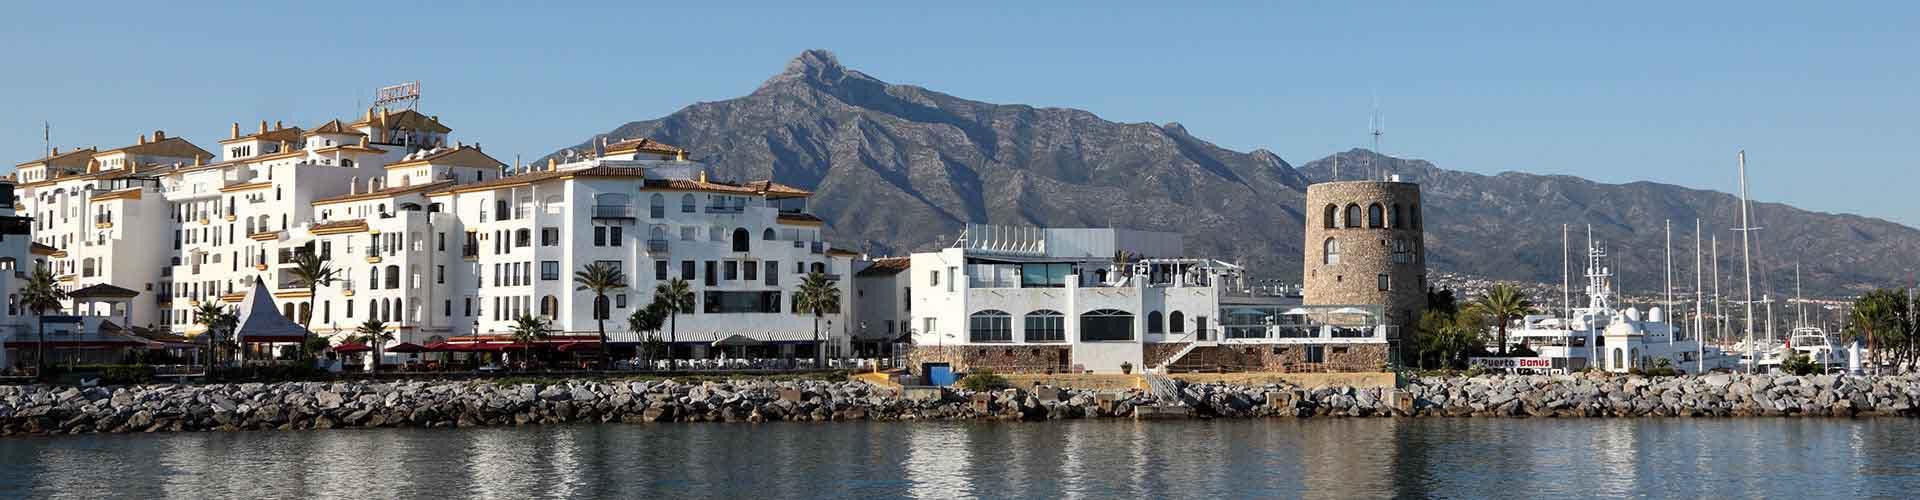 Marbella - Hoteles baratos en Marbella. Mapas de Marbella, Fotos y comentarios de cada Hotel en Marbella.